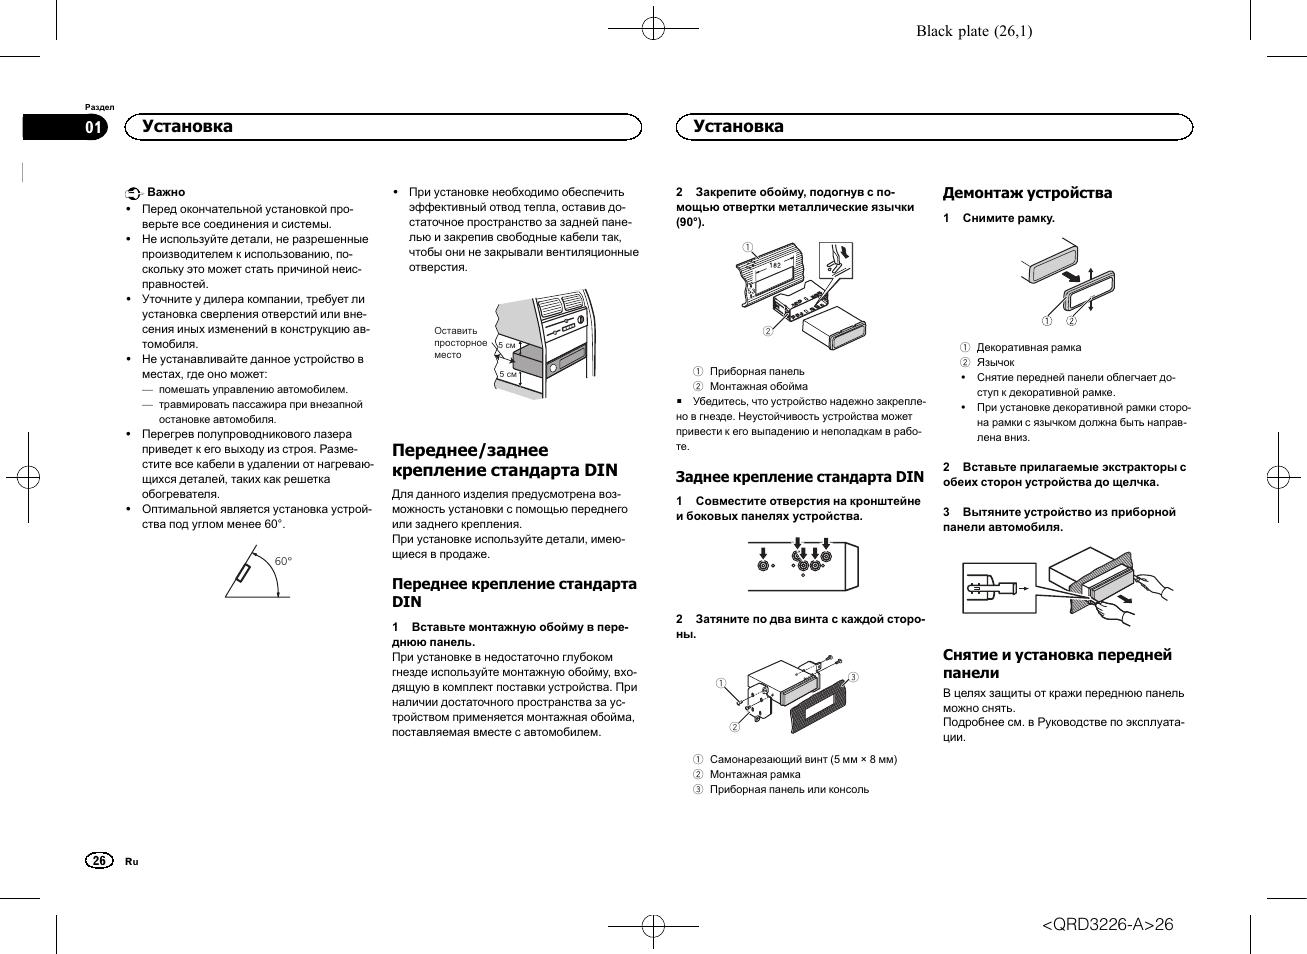 Руководство по установке, Cd rds приемник, Переднее/заднее